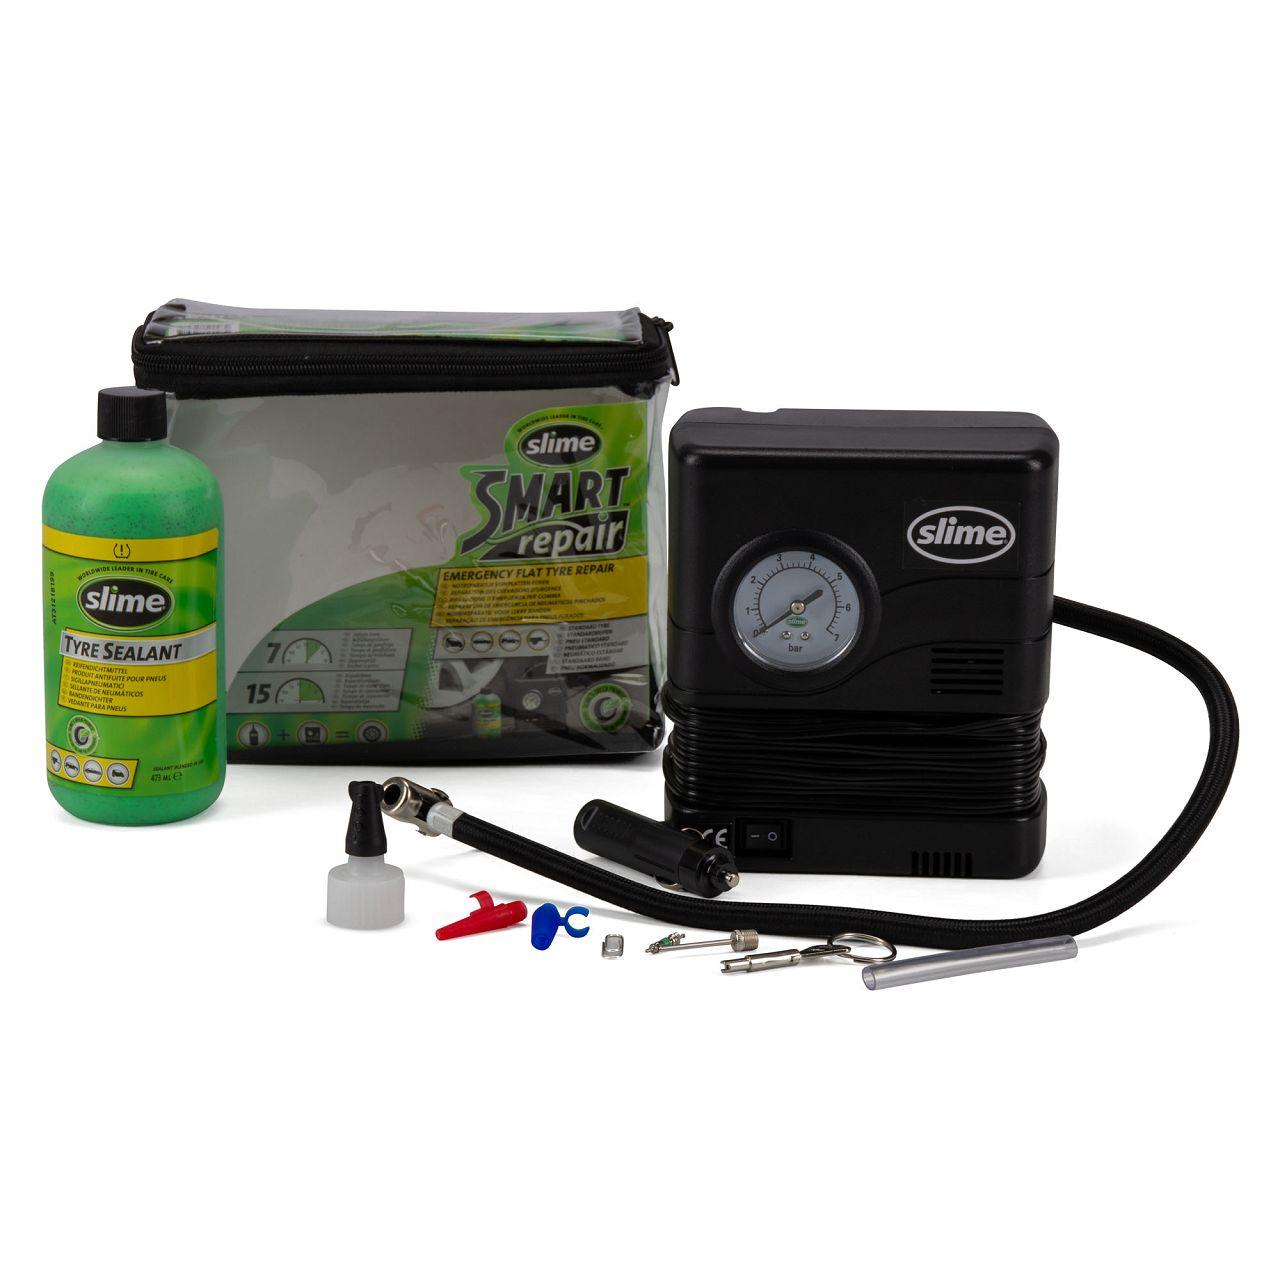 SLIME 500282 für Smart Repair Kit Reifen-Pannenset mit Kompressor + Dichtmittel